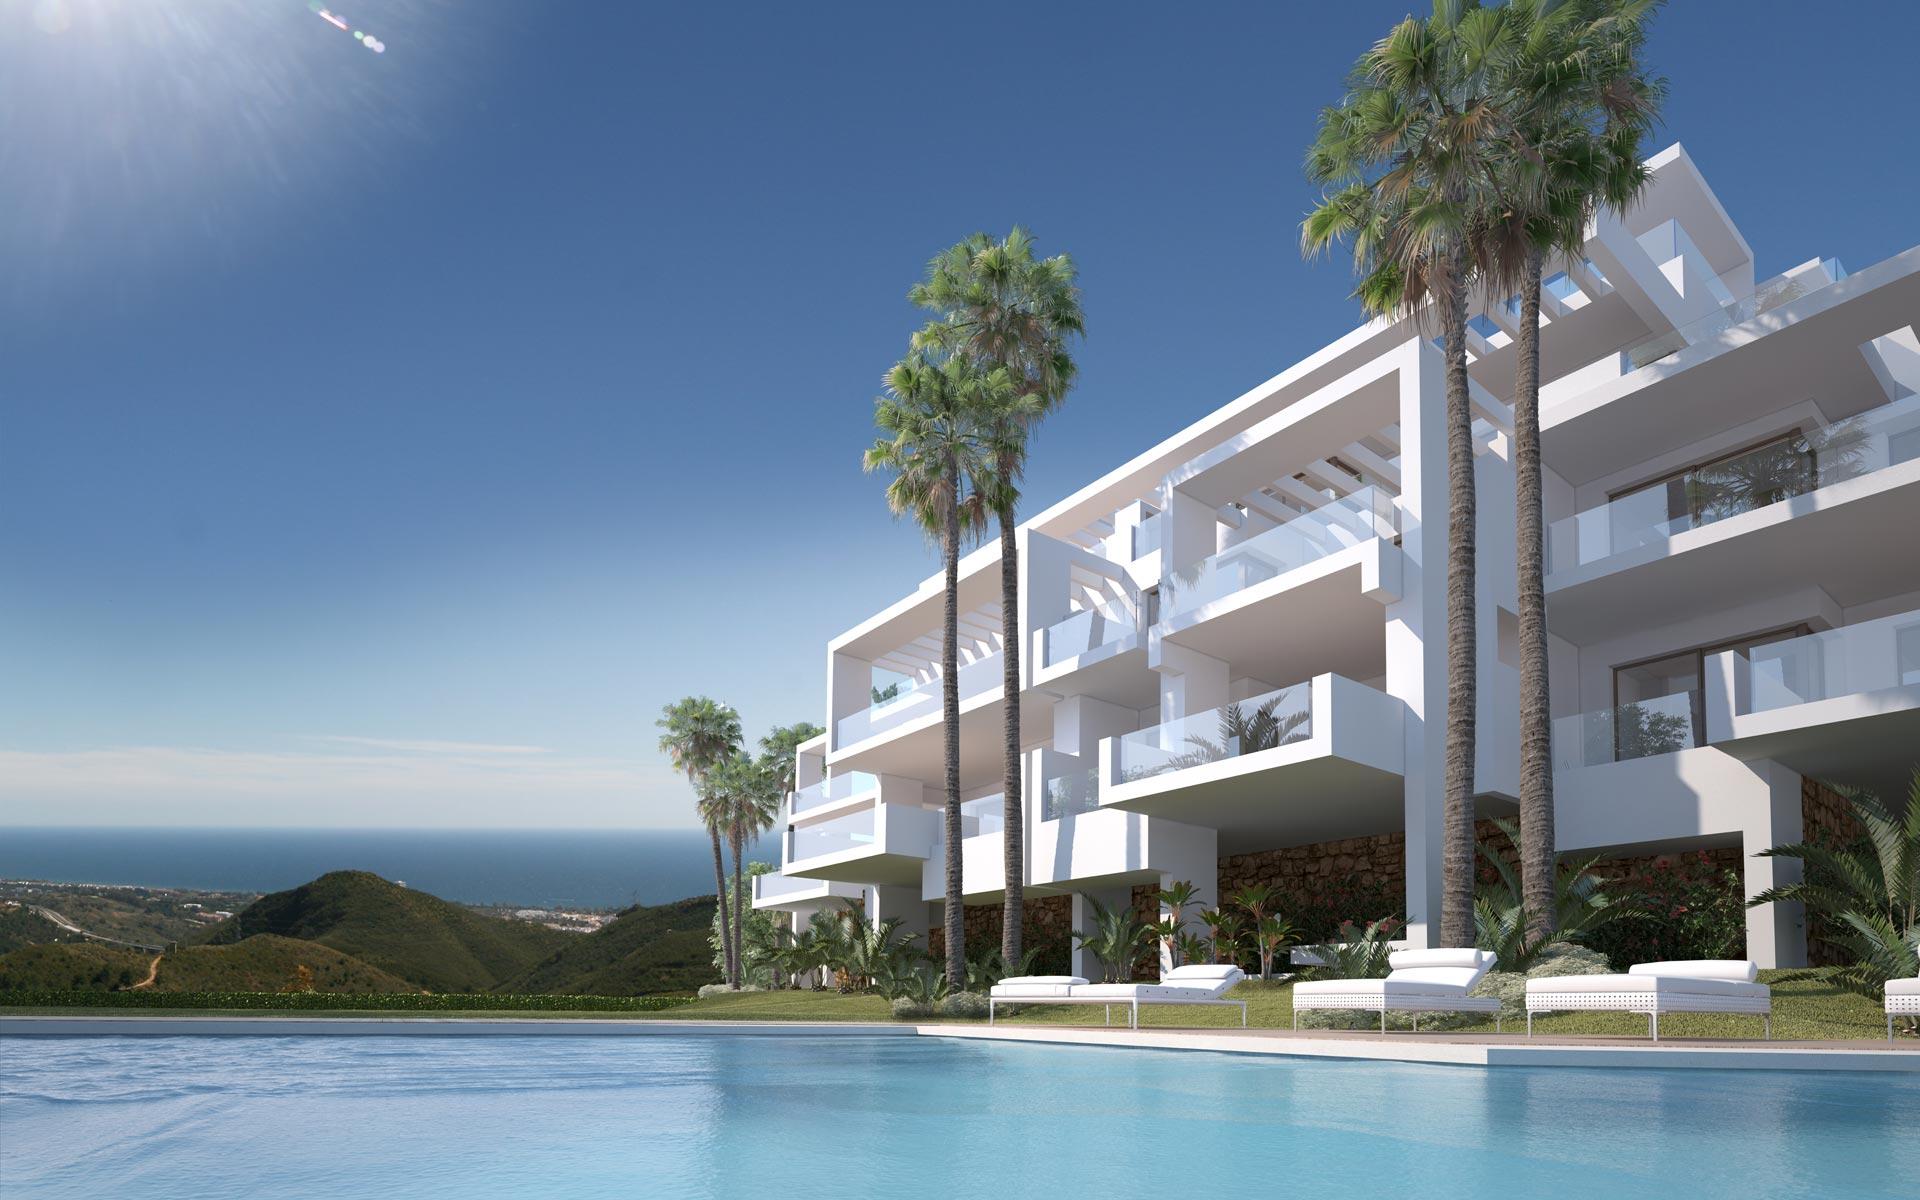 Nieuwbouwproject Ojen, Marbella